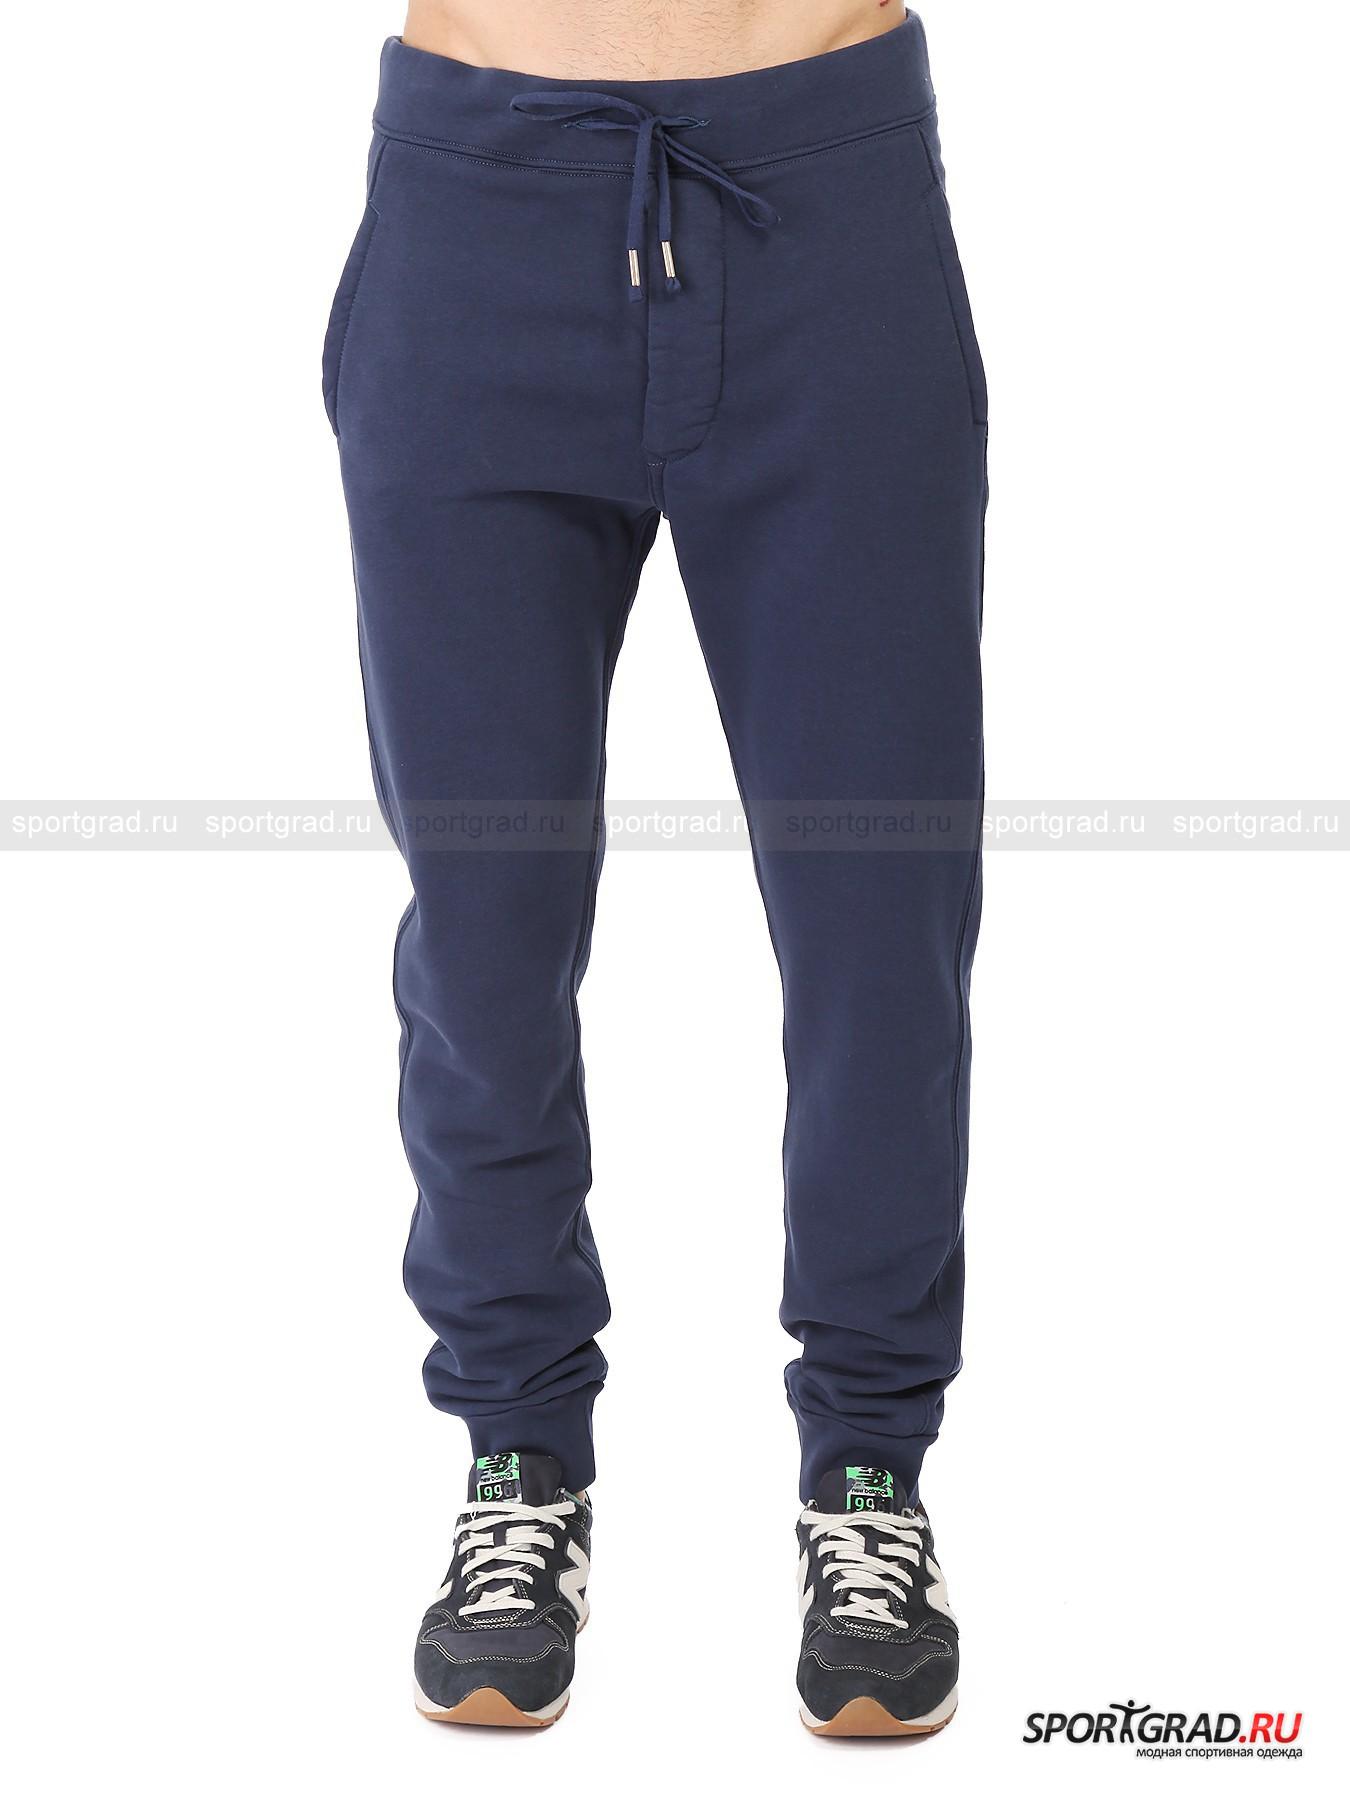 Брюки мужские Small Logo Pants 3SIXTYFIVEБрюки<br>Спортивные мужские брюки Small Logo Pants 3SIXTYFIVE – отличный выбор для тех, кто в обычной жизни предпочитает свободную и раскрепощенную одежду. К ним присоединятся спортсмены, когда узнают, насколько это качественный и удобный продукт. Изготовленная на основе хлопка модель отлично сидит по фигуре, не доставляет какого-либо дискомфорта и не мешает свободе движений. Добавление в состав частиц полиэстера наделяет данные штаны долговечностью и износостойкостью. Стильный и аккуратный силуэт дополняет образ.<br><br>•Широкая резинка в районе талии и манжет штанин<br>•Шнурки-утяжки на поясе<br>•Застежка на металлических кнопках<br>•Два набедренных кармана и один задний<br>•Свободный крой, слегка зауженный к низу<br>•Фирменный логотип компании в районе правого карман<br><br>Пол: Мужской<br>Возраст: Взрослый<br>Тип: Брюки<br>Рекомендации по уходу: Деликатная стирка при 30С, не отбеливать, гладить при температуре не выше 110С, химчистка разрешена, не сушить в барабане стиральной машины.<br>Состав: 90% хлопок, 10% полиэстер